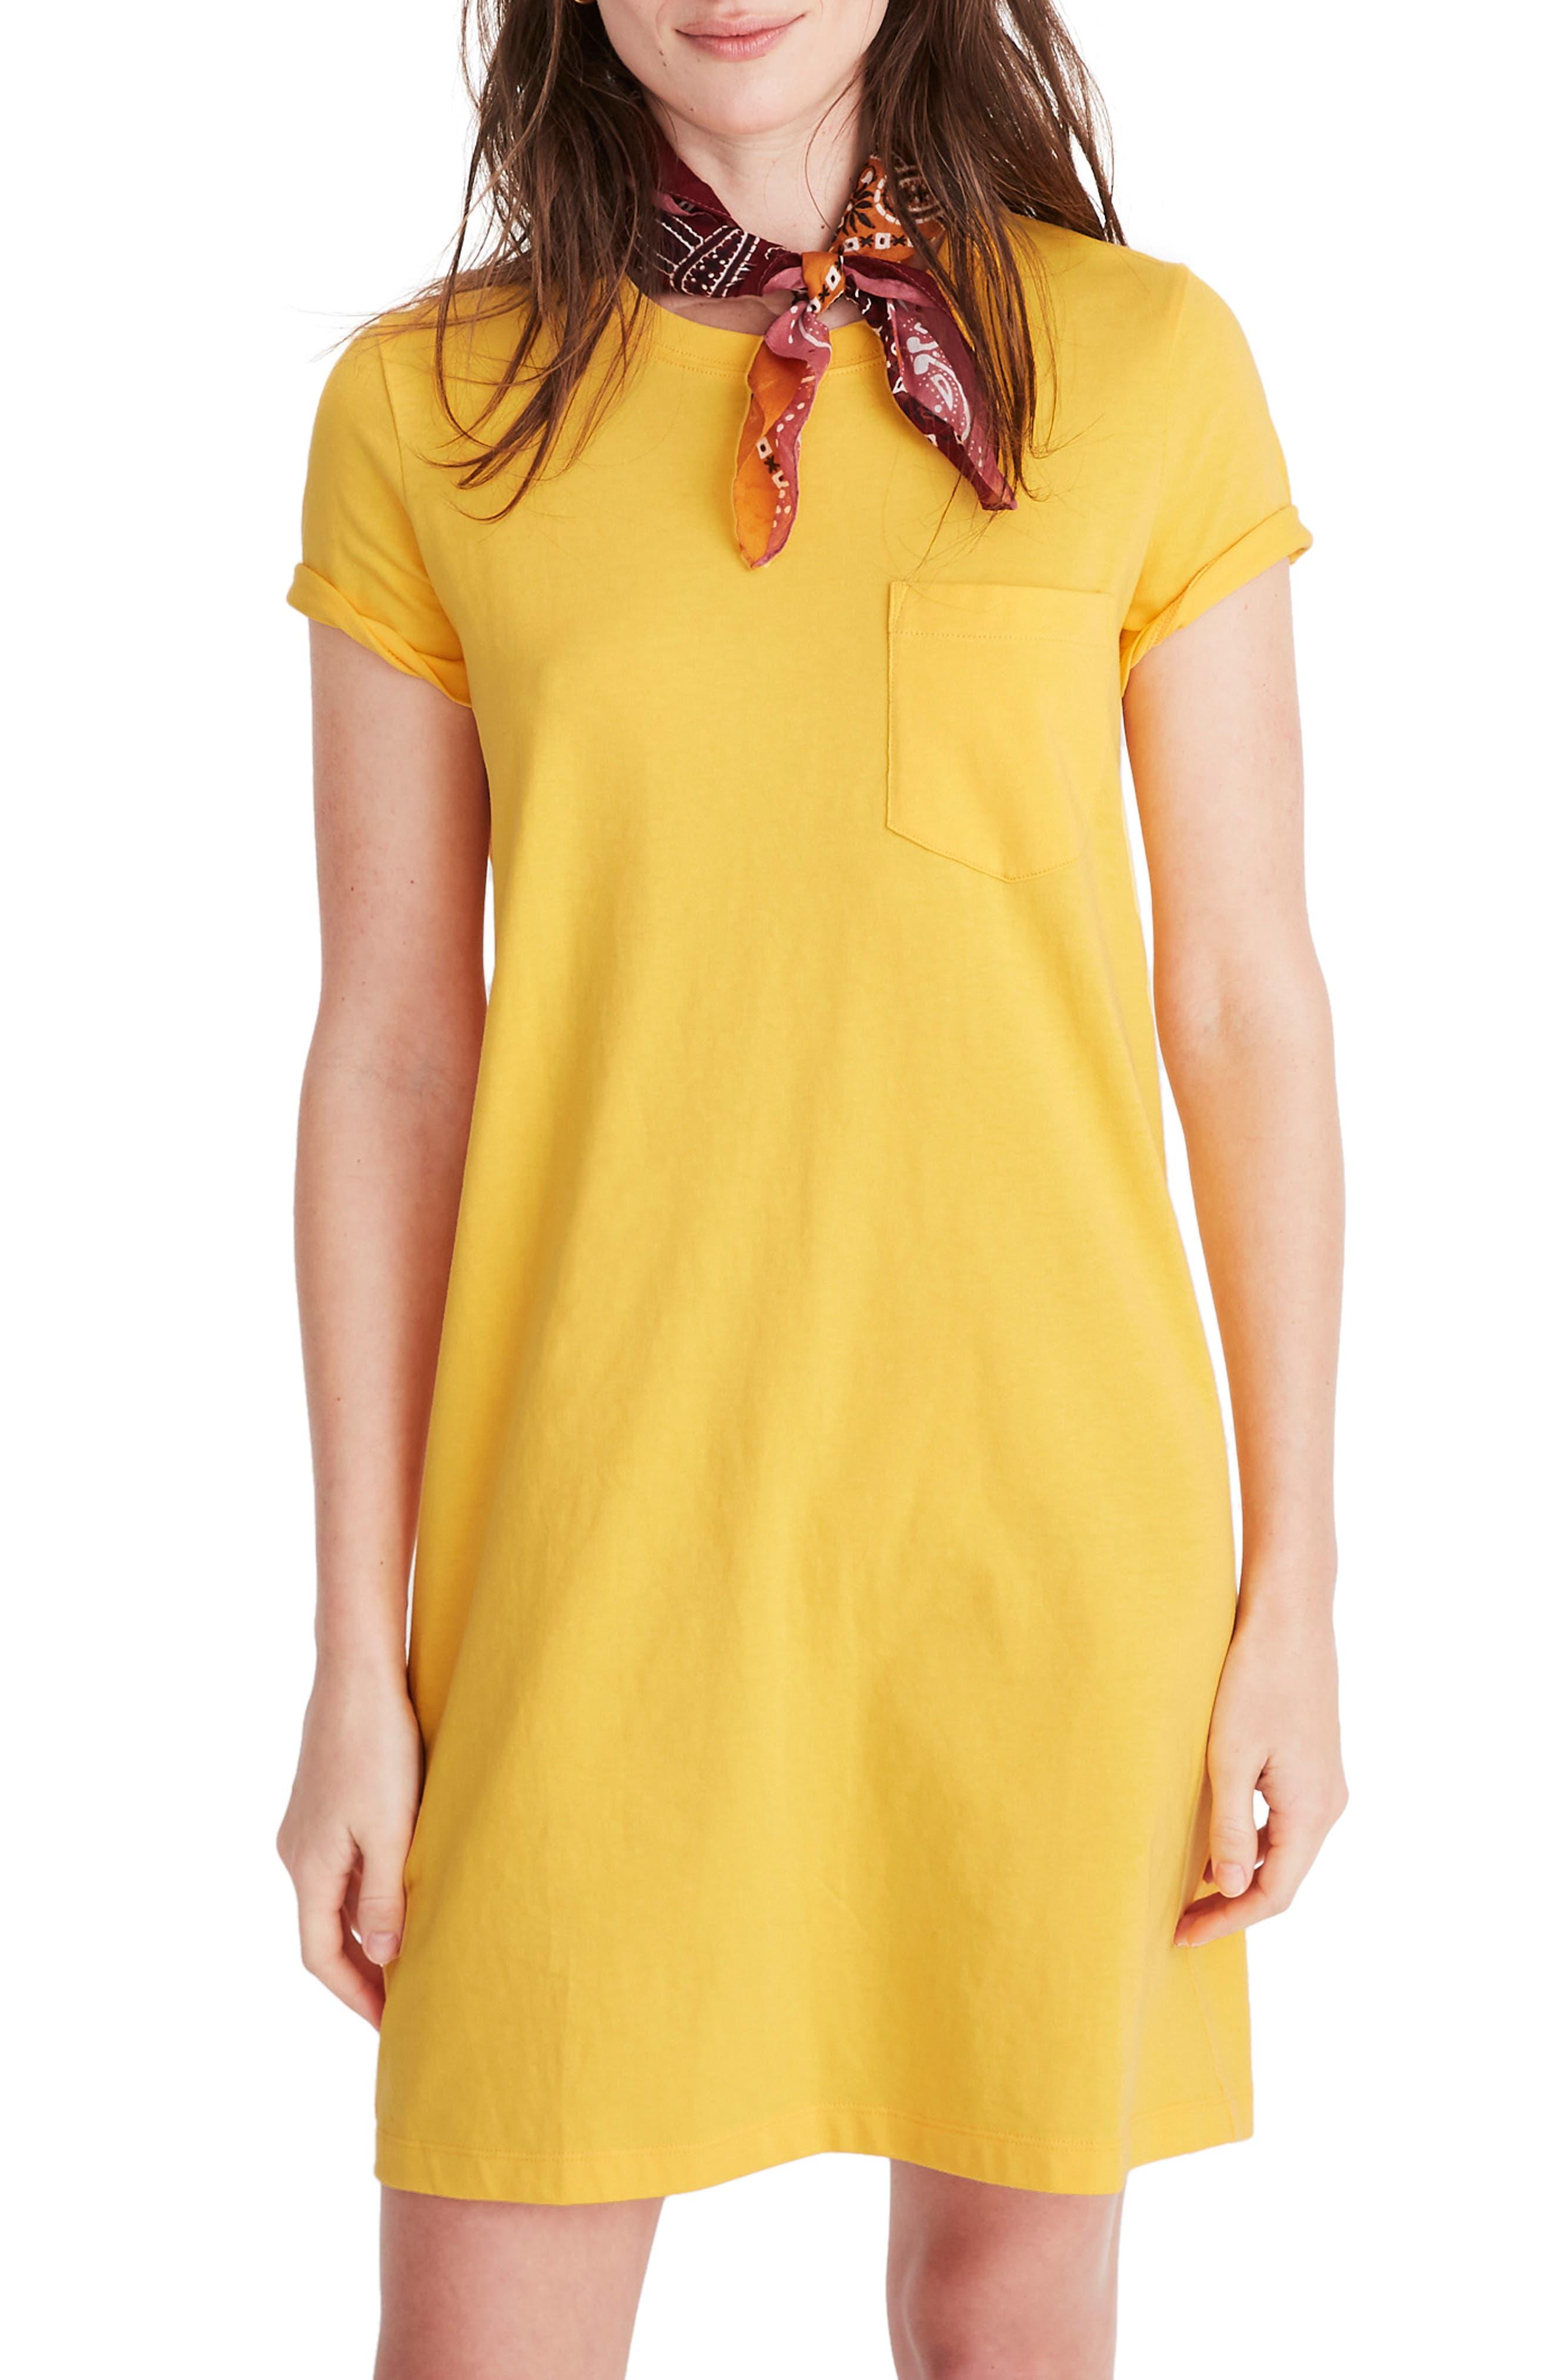 Madewell Tee Dress, Yellow